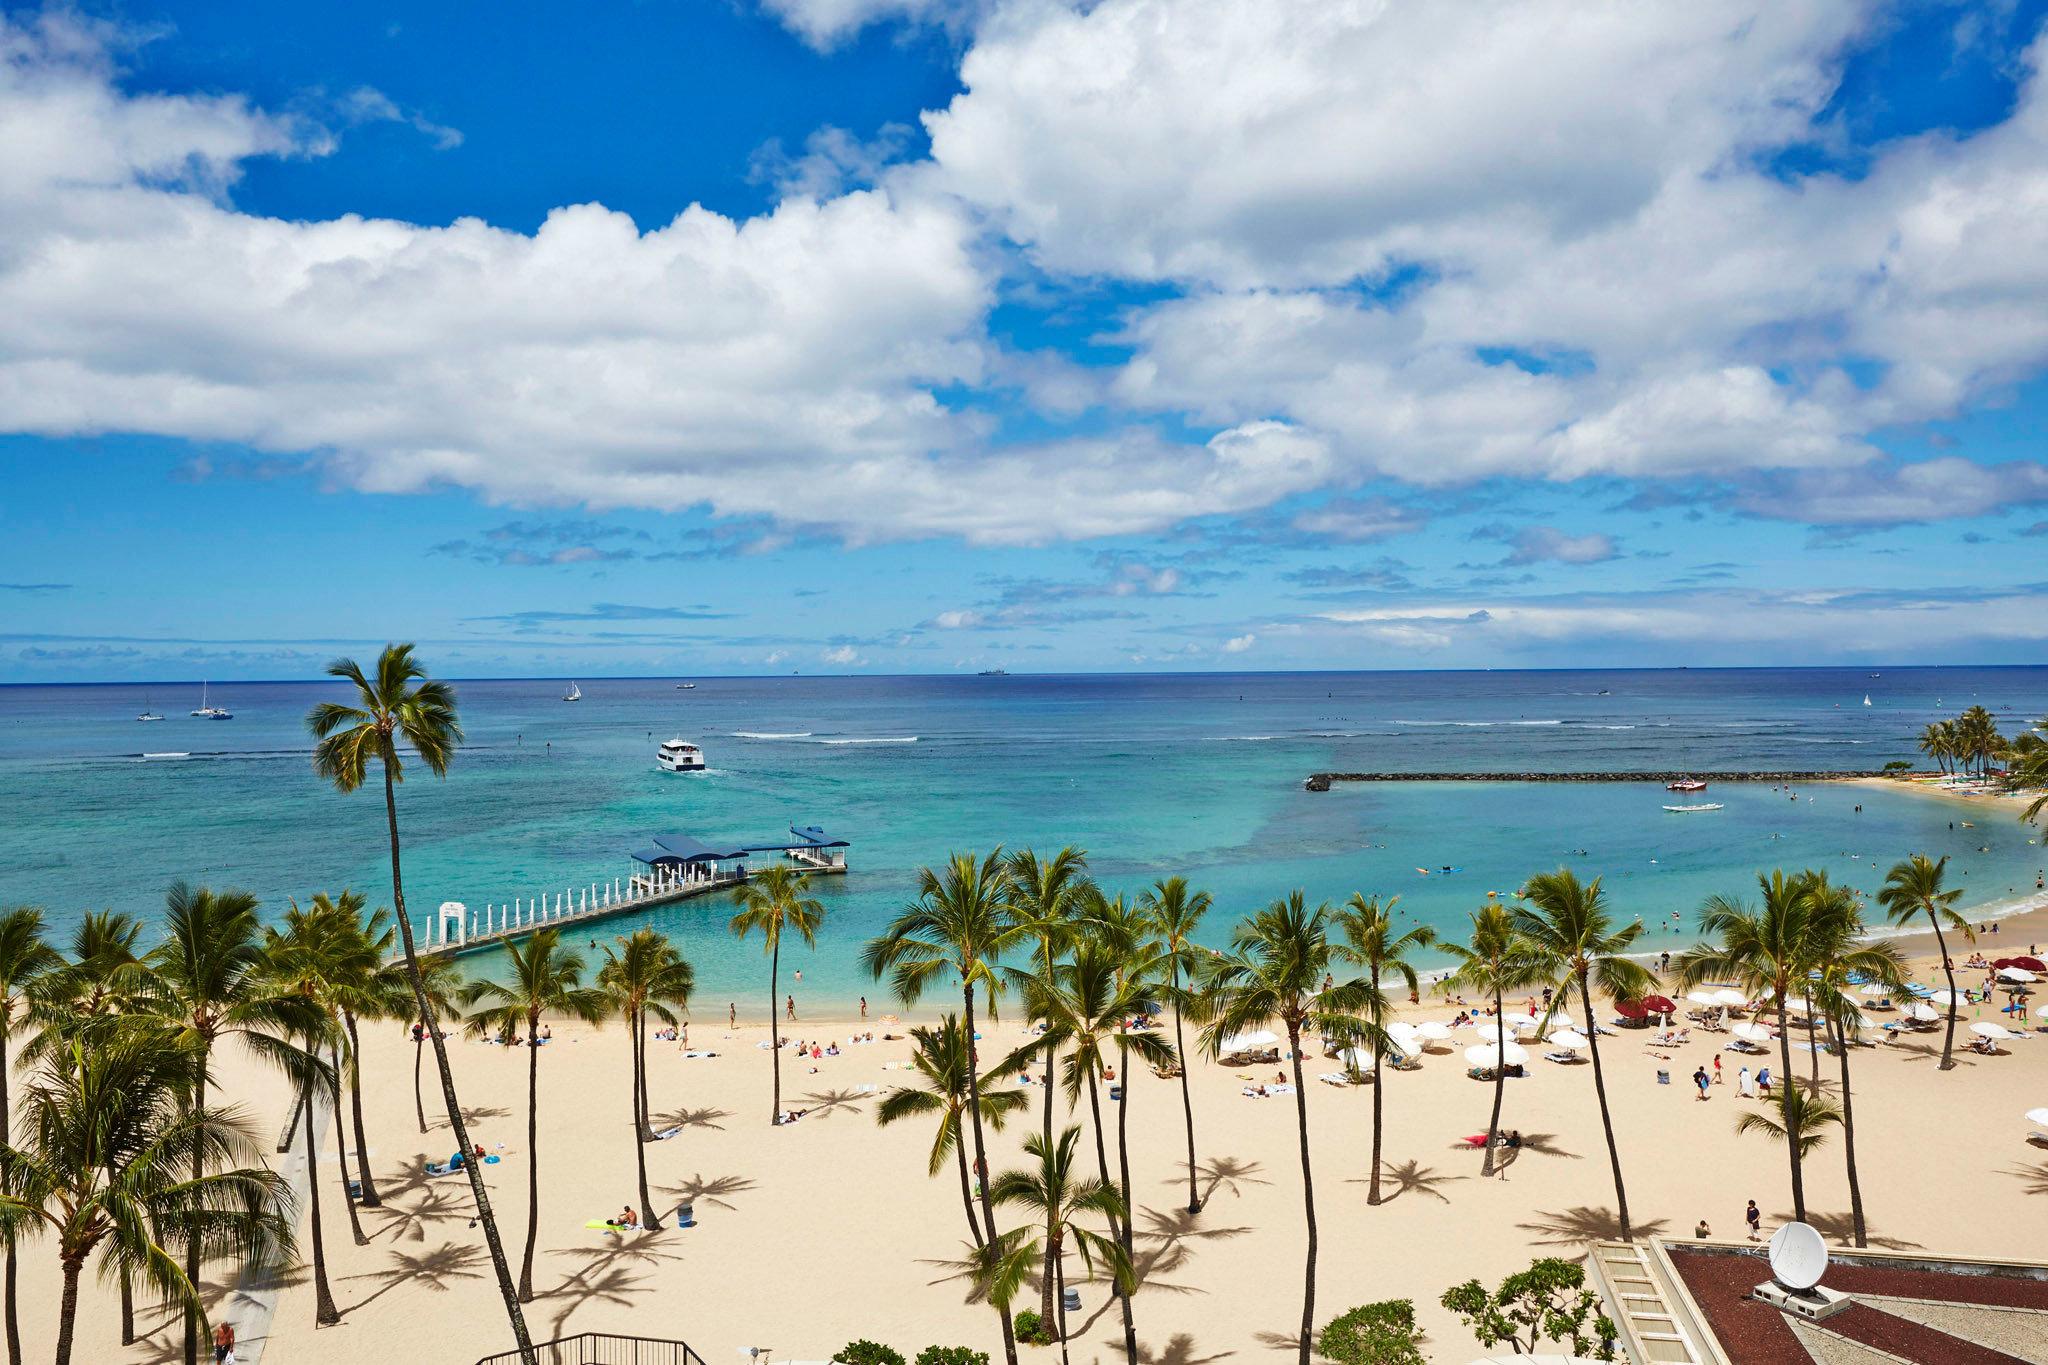 Hilton Hawaiian Village Waikiki Beach Resort Honolulu Hi